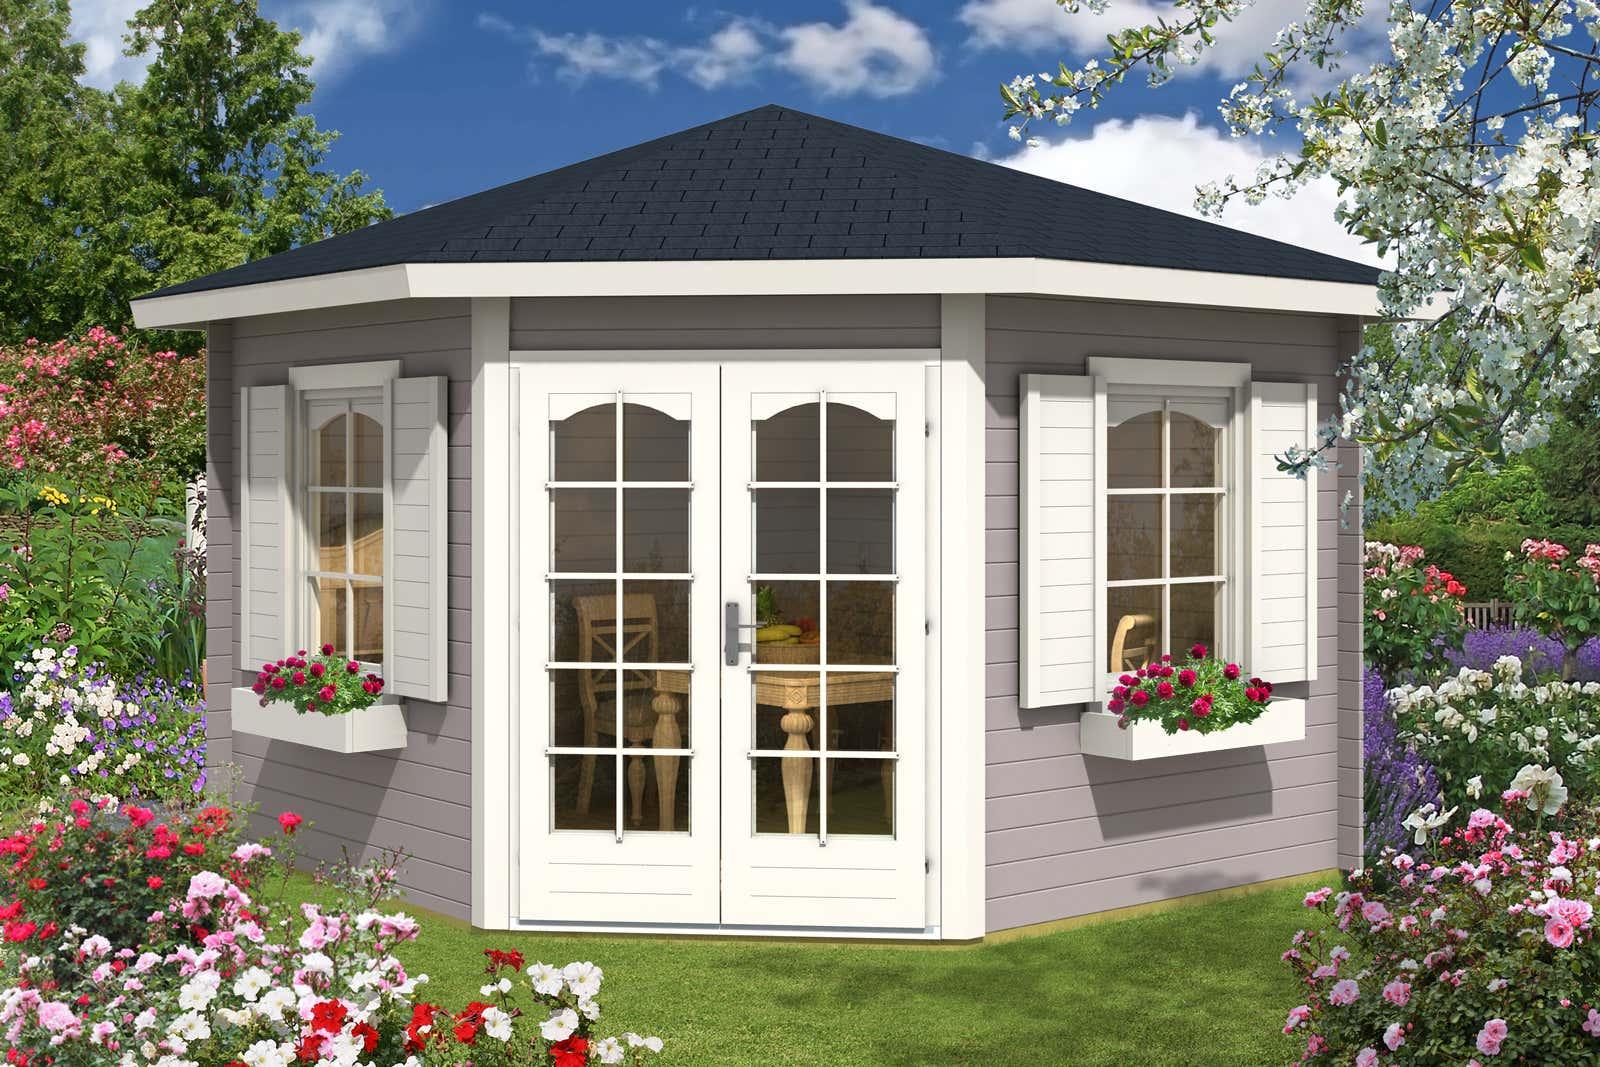 5 eck gartenhaus modell alina 28 a z gartenhaus gmbh. Black Bedroom Furniture Sets. Home Design Ideas